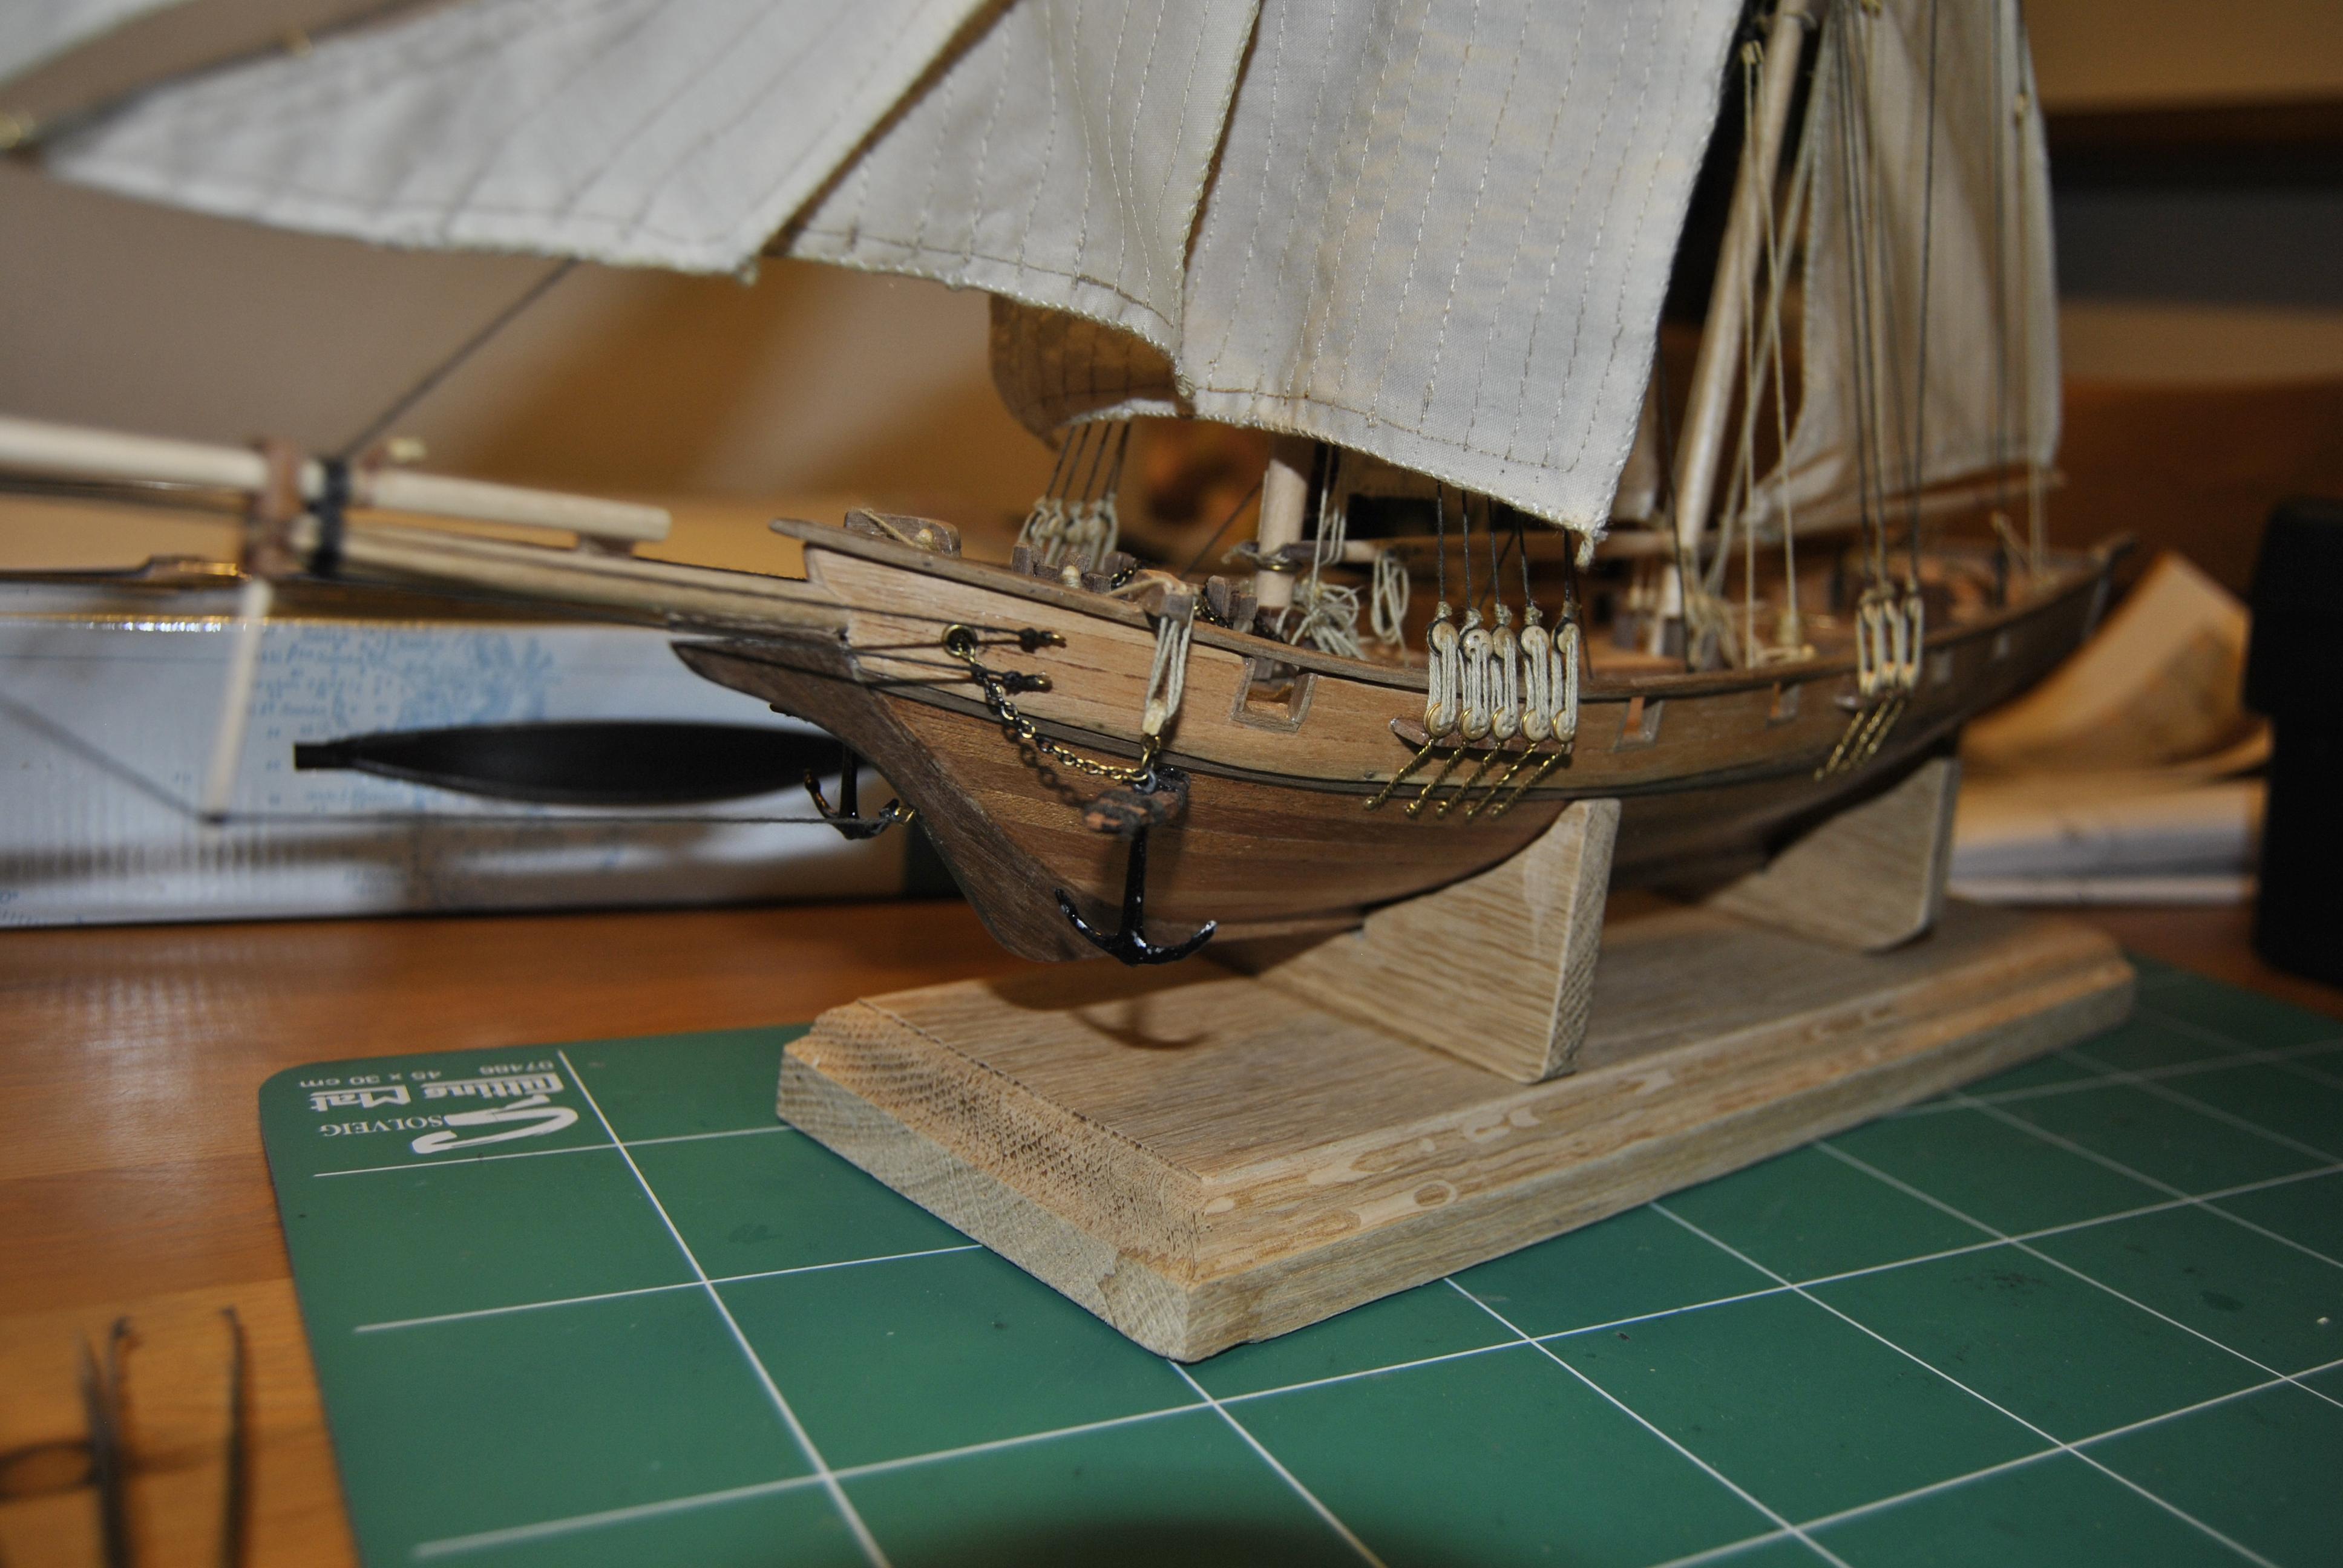 L'albatros kit de constructo - Page 5 526037DSC7982